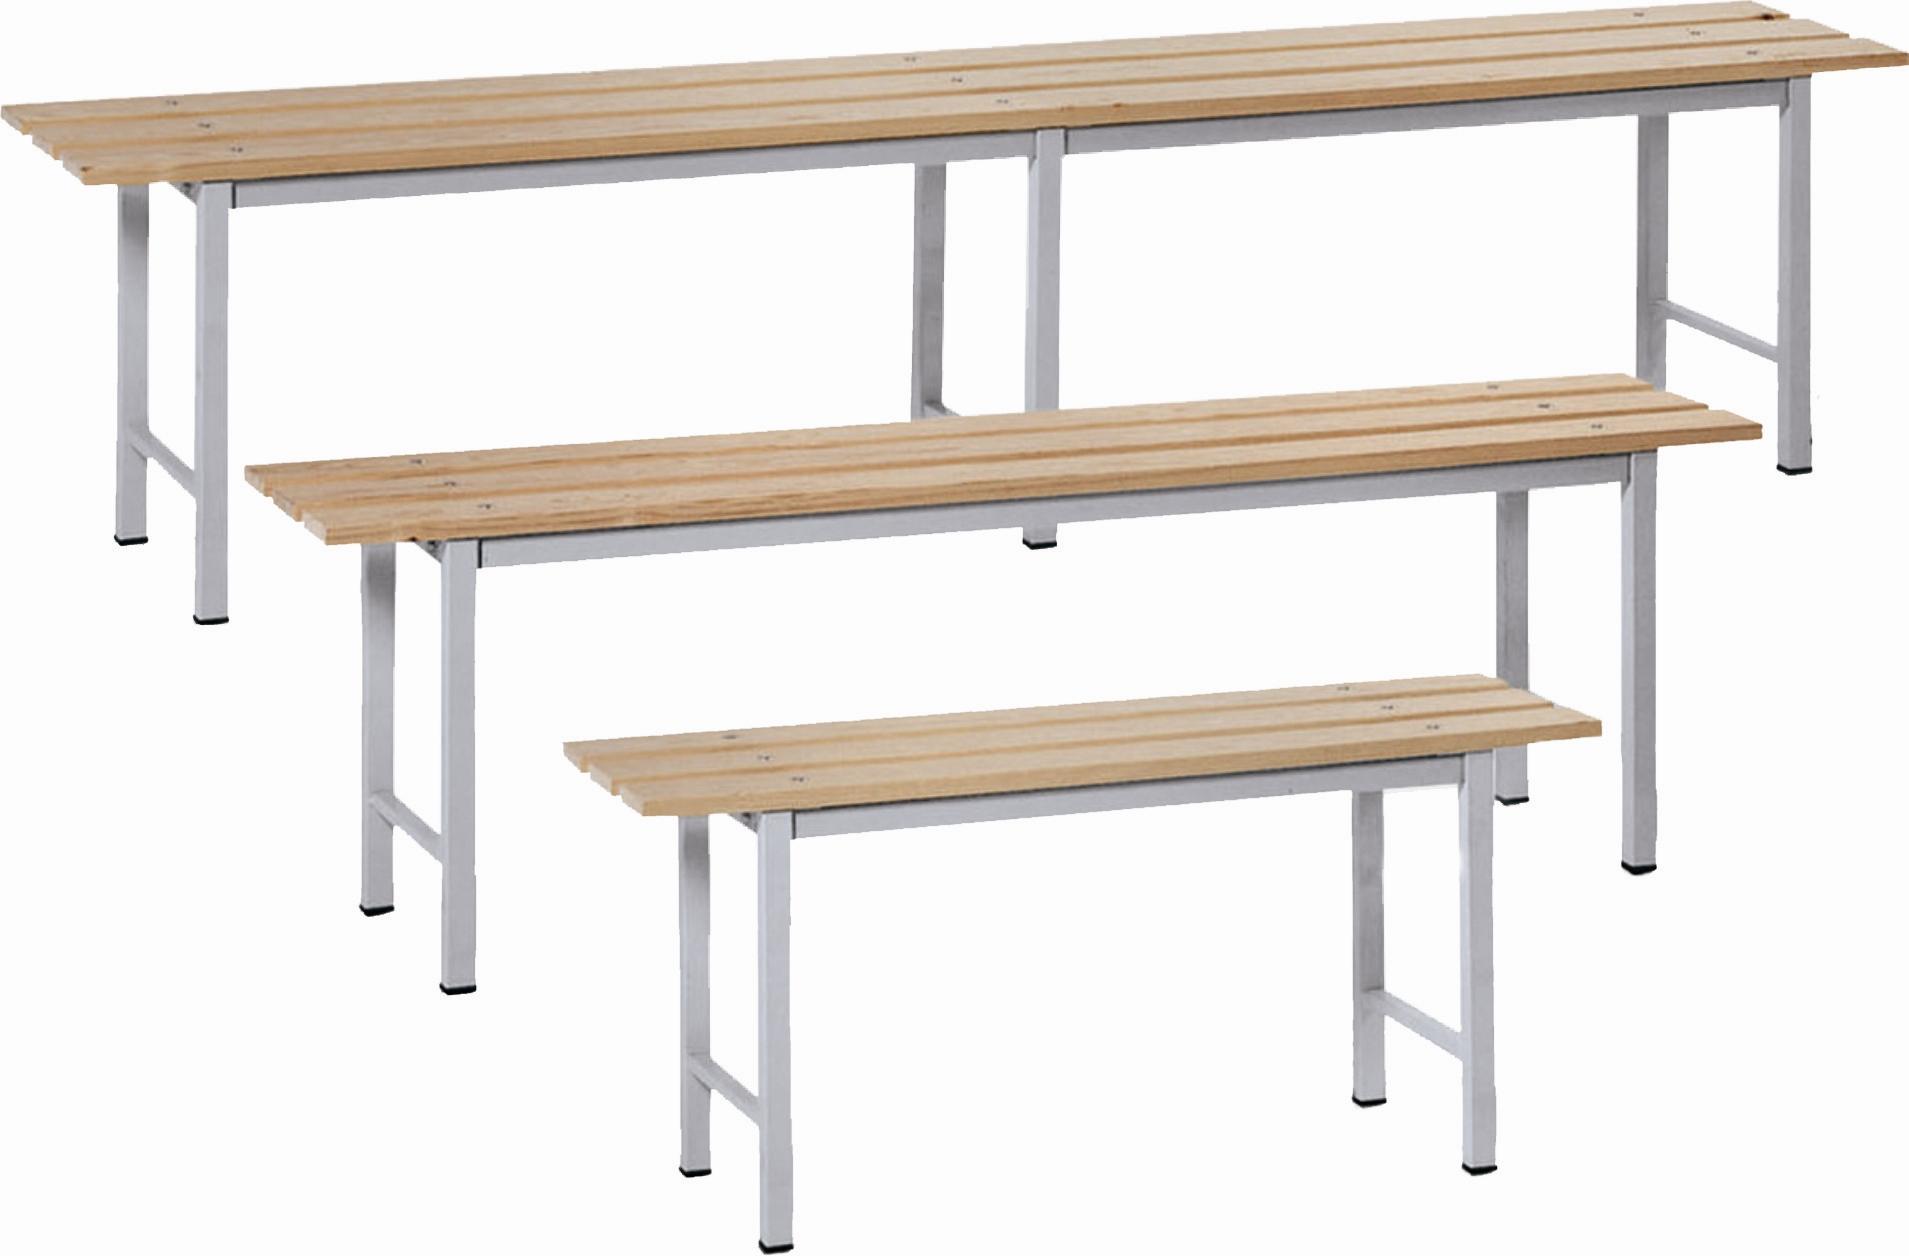 Panche Per Spogliatoio Ikea.Panche Spogliatoio C I A Arredamenti